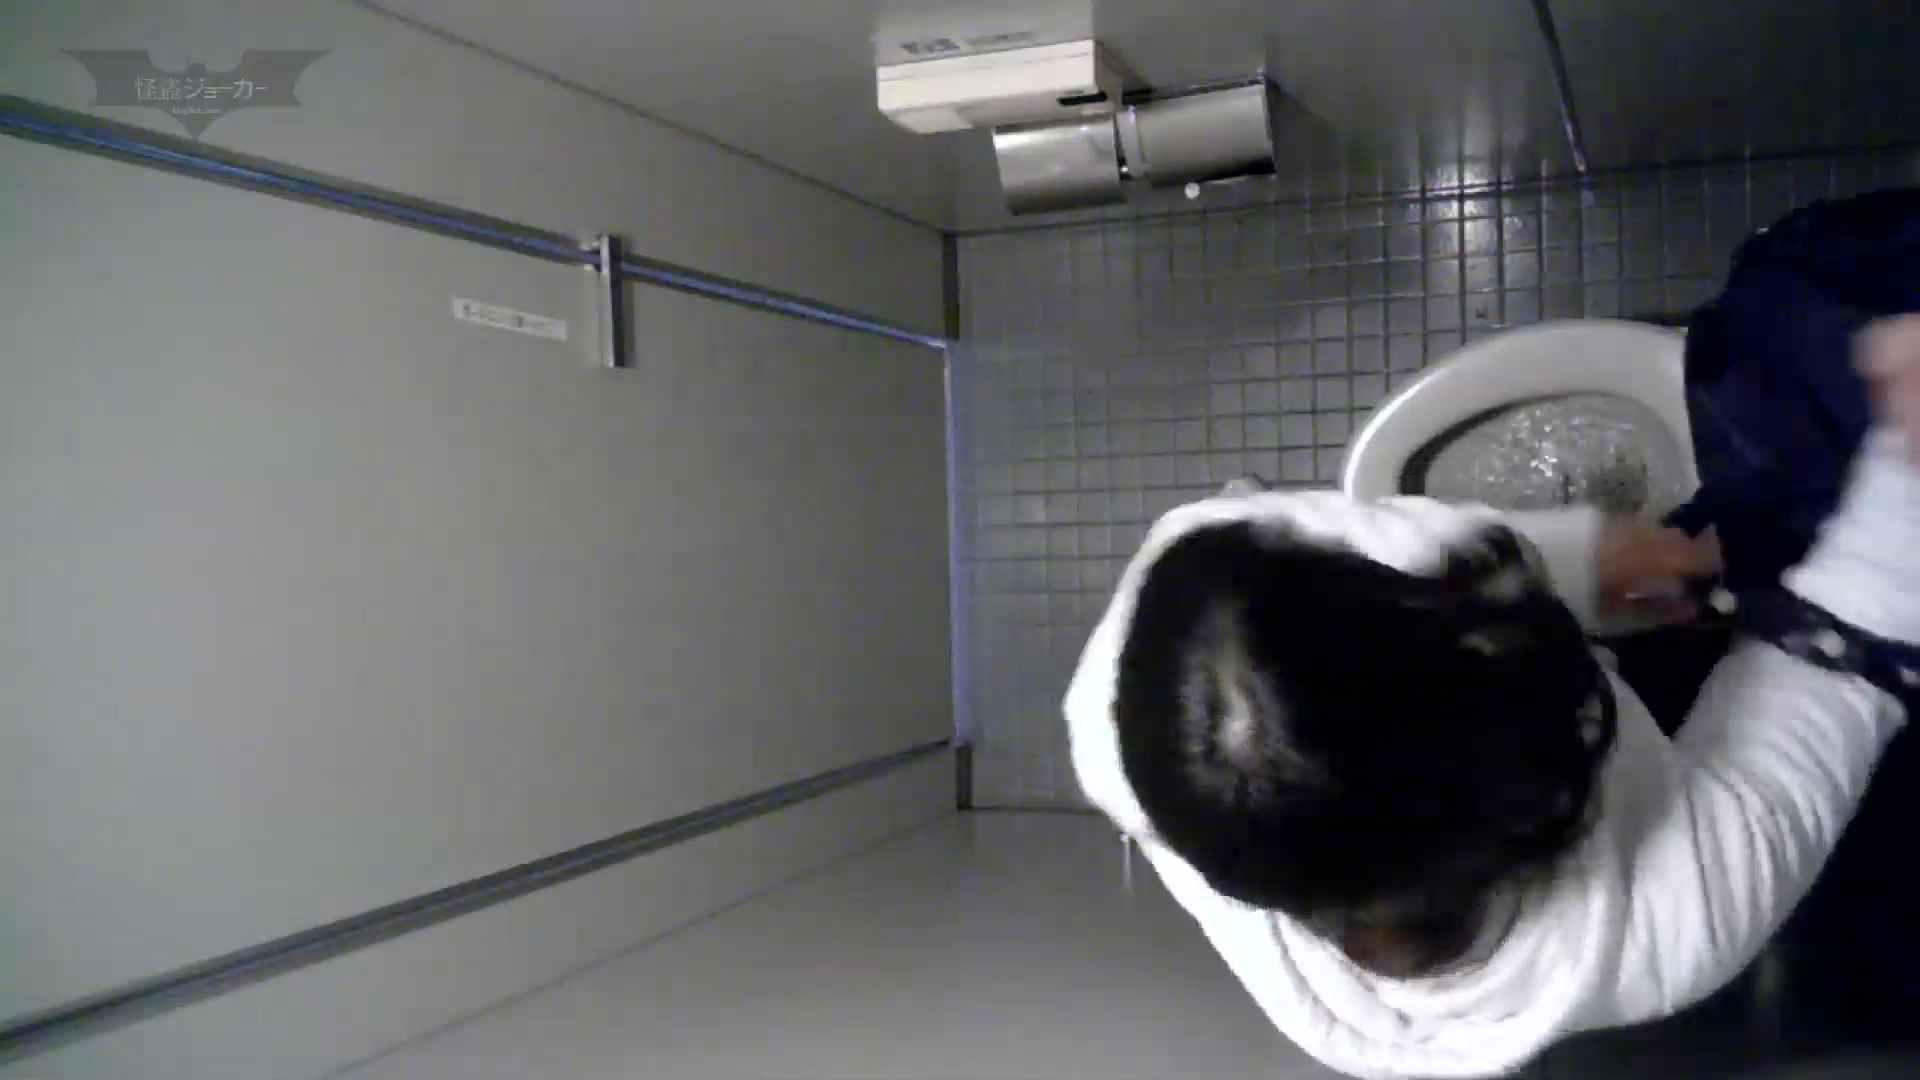 有名大学女性洗面所 vol.58 アンダーヘアーも冬支度? 和式で・・・ セックス無修正動画無料 111画像 18